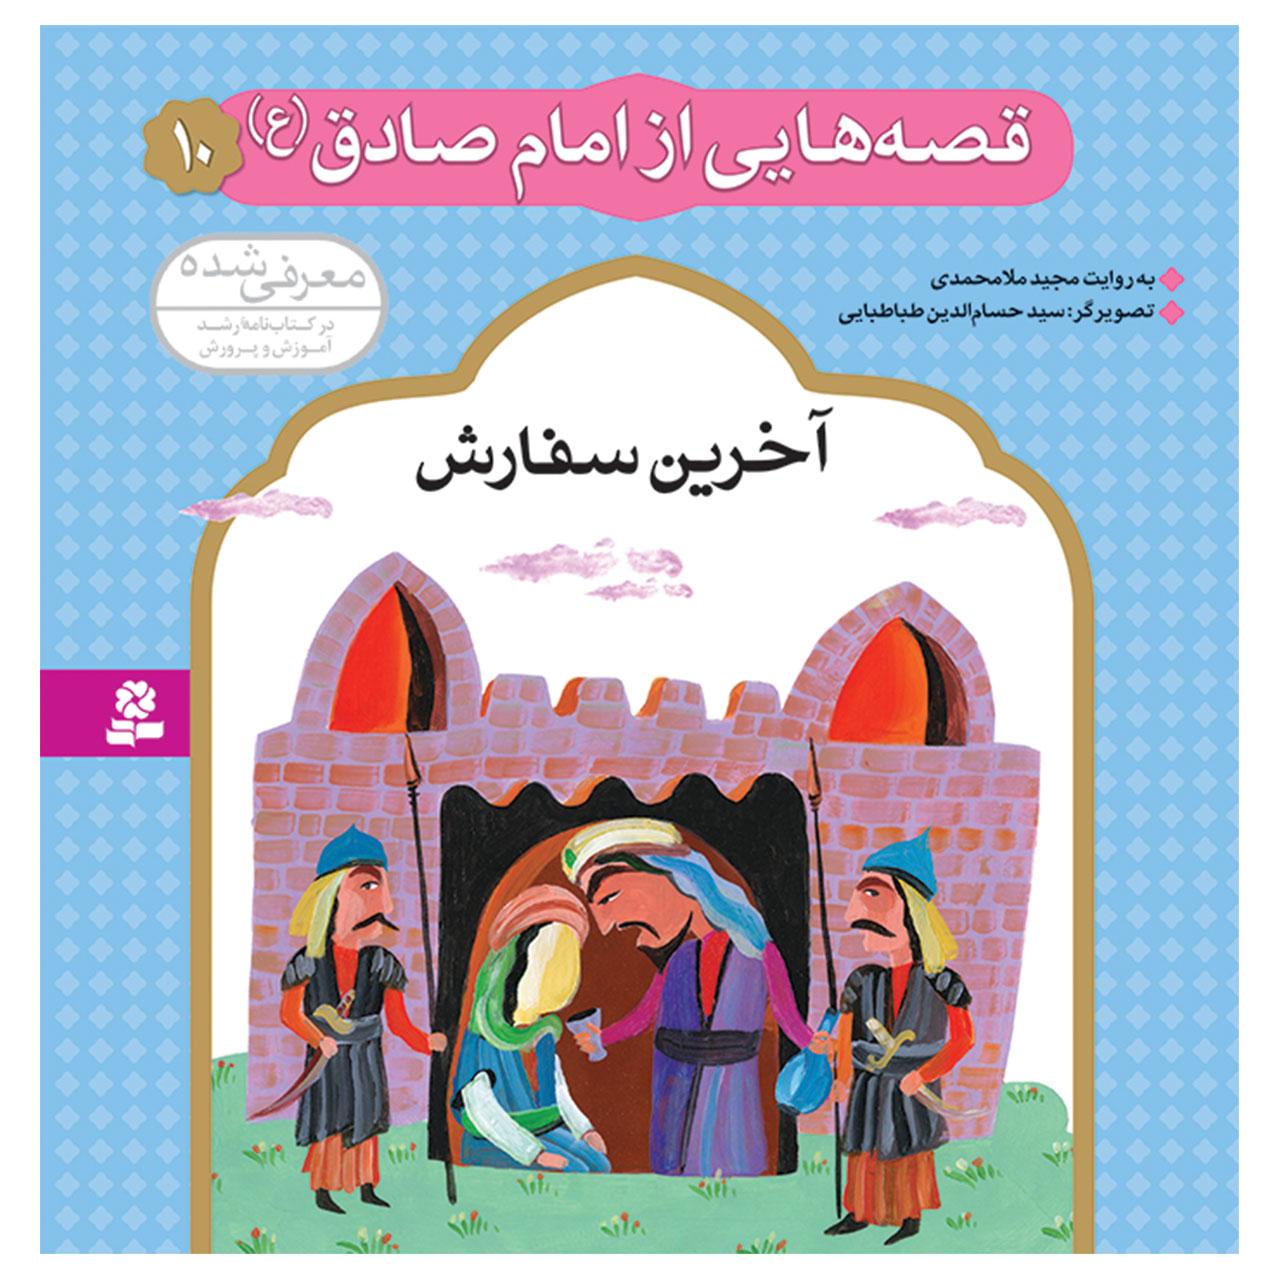 خرید                      کتاب قصه هایی از امام صادق (ع) 10 آخرین سفارش اثر مجید ملامحمدی انتشارات قدیانی